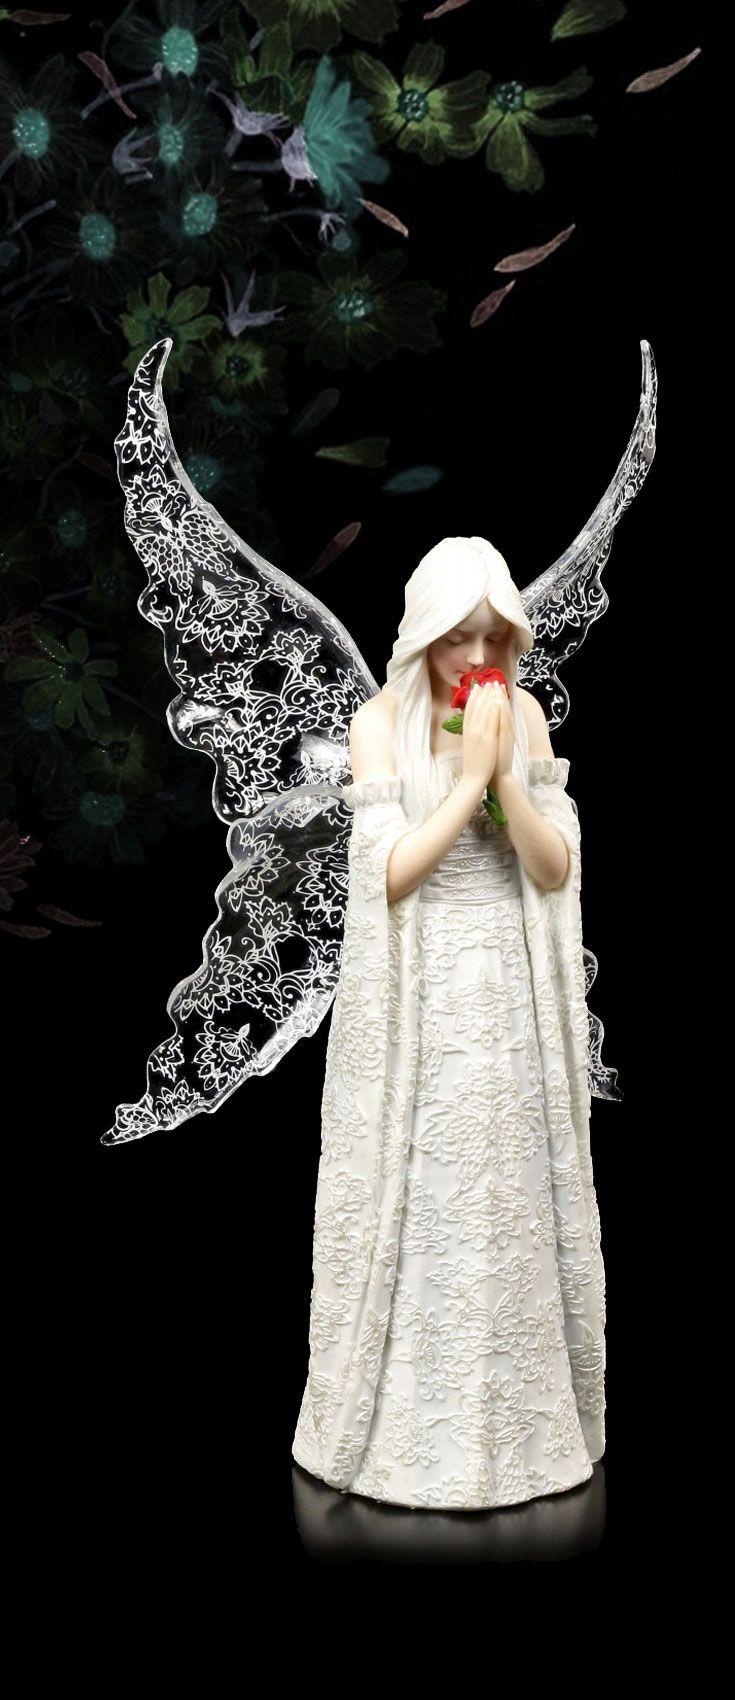 """Nur die Liebe bleibt - """"Only Love remains"""" - heißt dieses filigrane Wesen aus der Feder der Künstlerin Anne Stokes. Der zierliche #Gothic Engel ist nicht nur ein Seelentröster, er ermahnt uns auch, jeden Tag auf Erden voll auszukosten, denn das Leben ist kurz... #annestokes #figuren"""